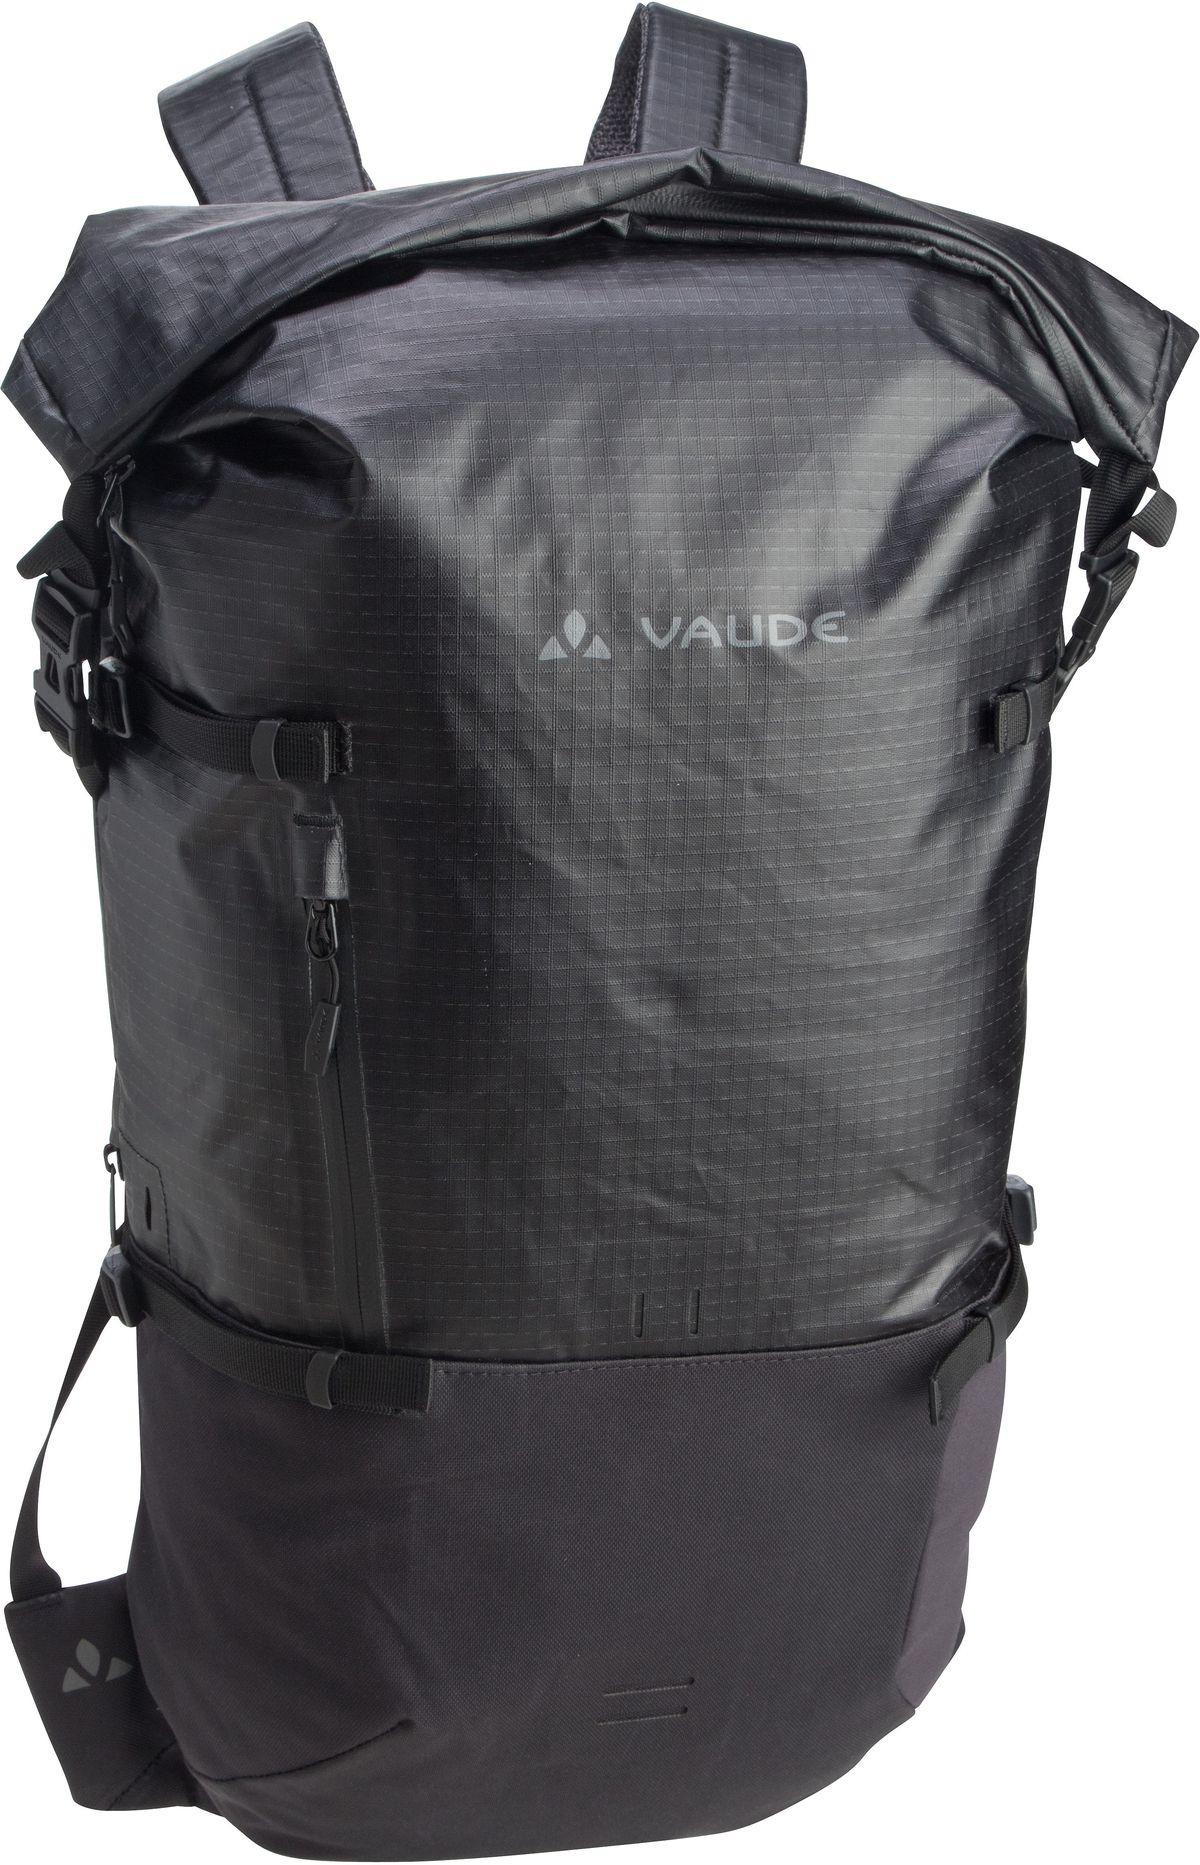 Rucksack / Daypack CityGo 23 Black (23 Liter)